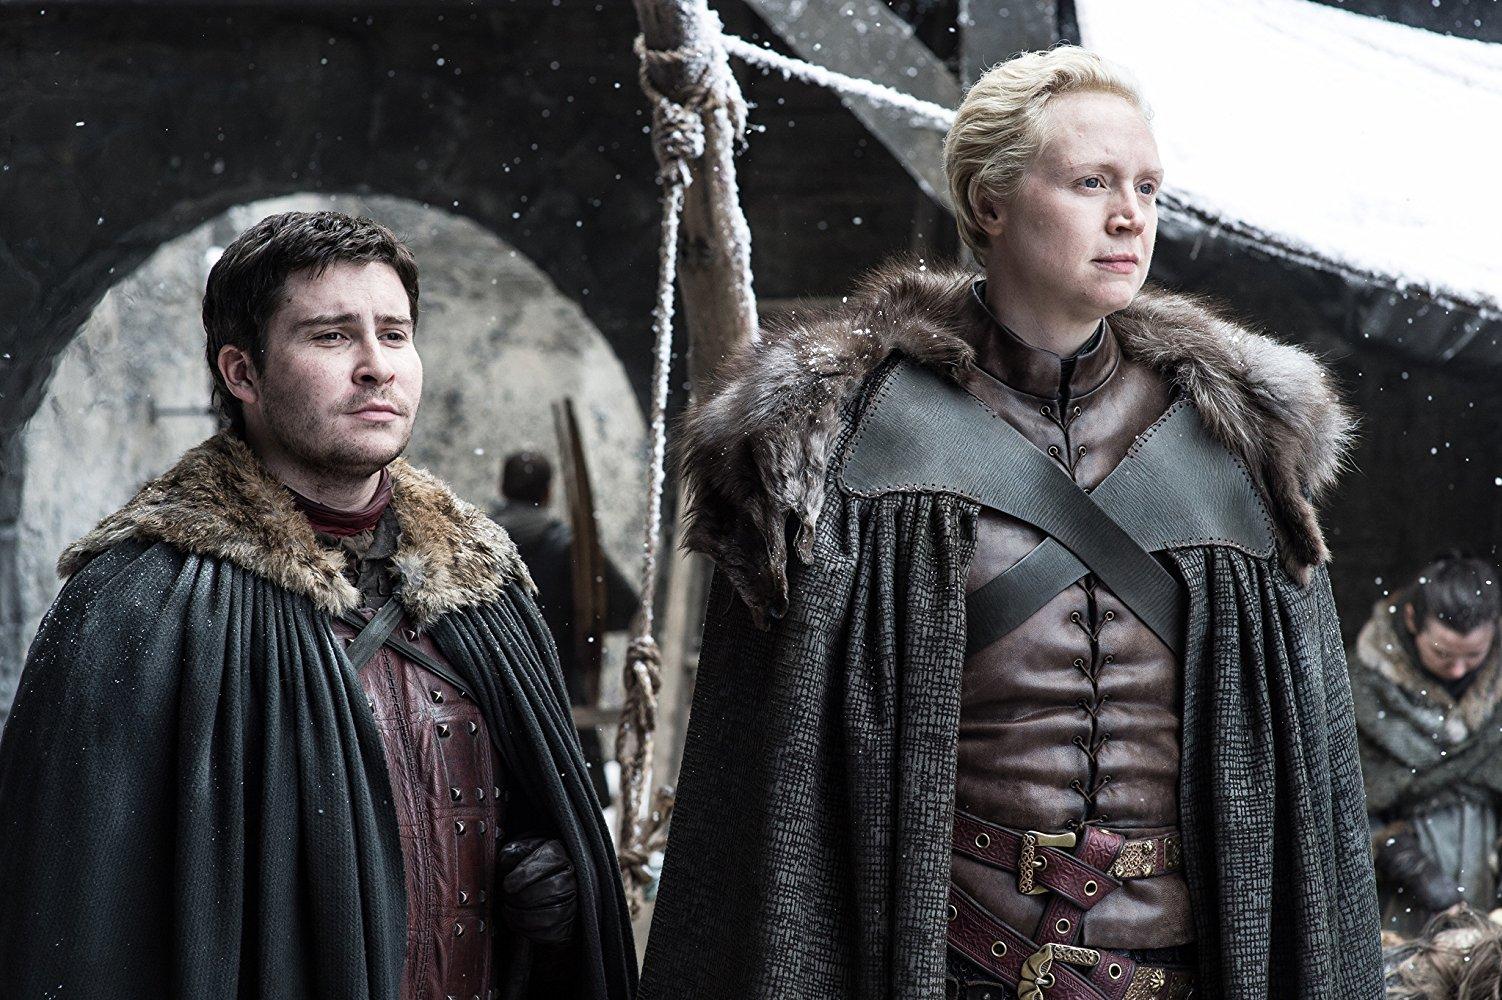 brienne/pod at winterfell in season seven